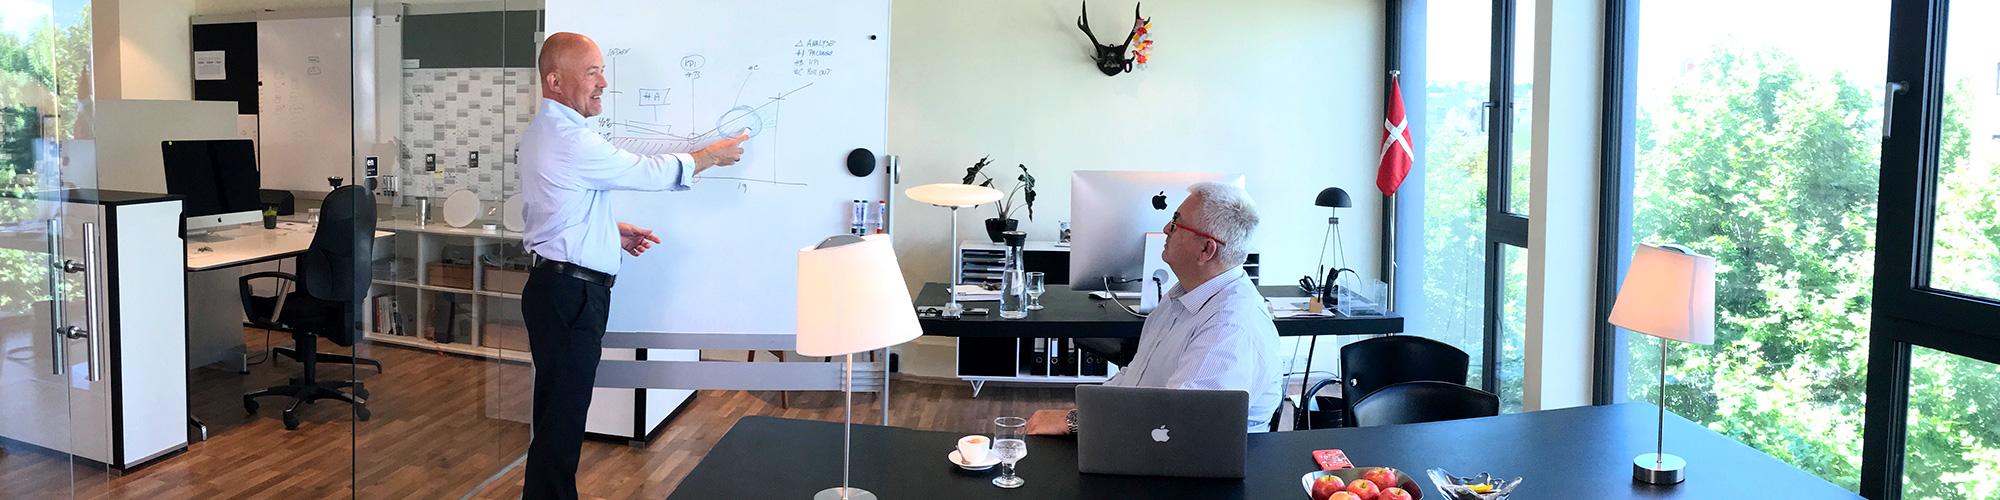 Beratungsszene: Berater erklärt etwas am Whiteboard während dessen der Kunde zuhört.